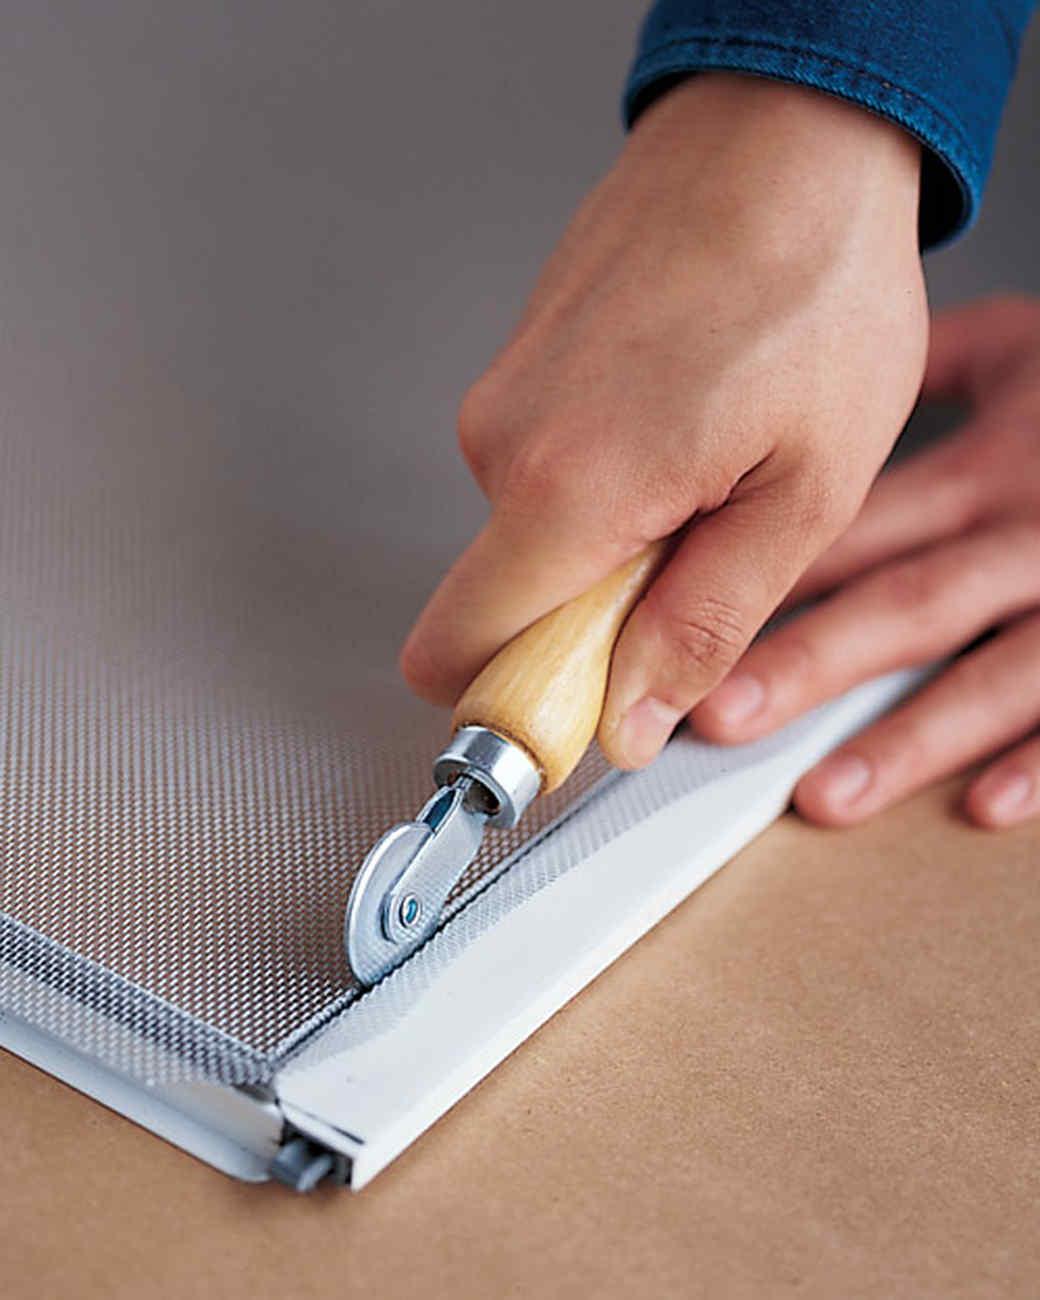 Tự làm cửa lưới chống muỗi tại nhà đơn giản dễ thực hiện